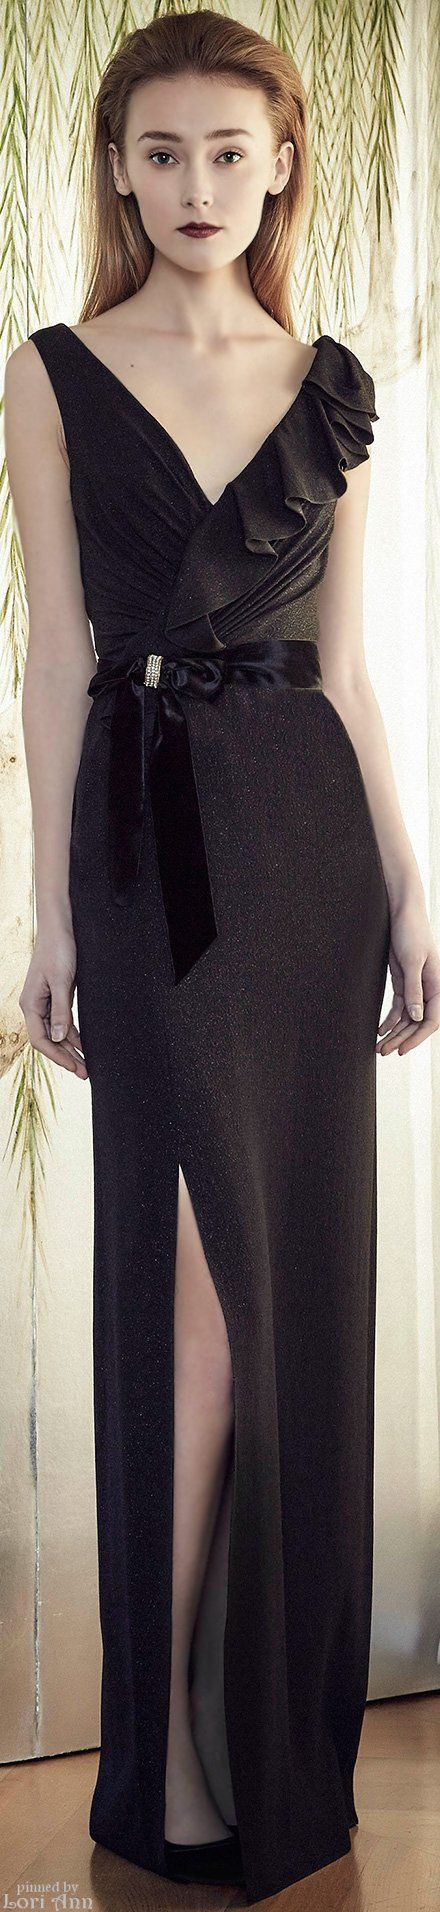 141 besten Bold & Beautiful Fashion Bilder auf Pinterest ...